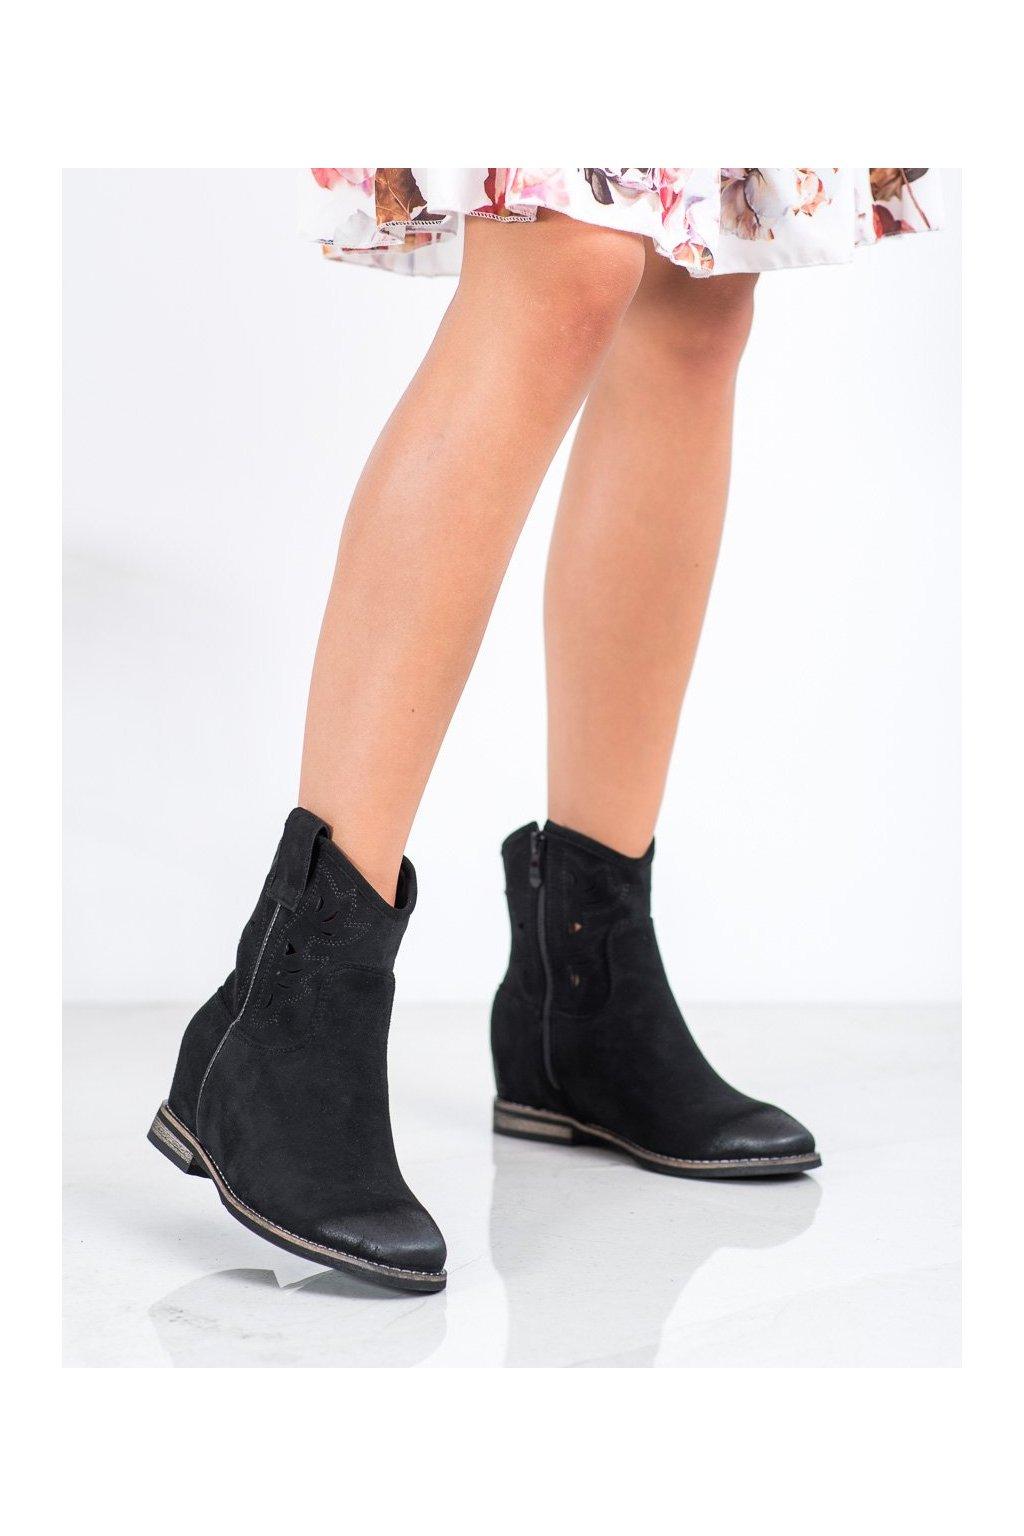 Čierne dámske topánky Vinceza kod HX21-16170B